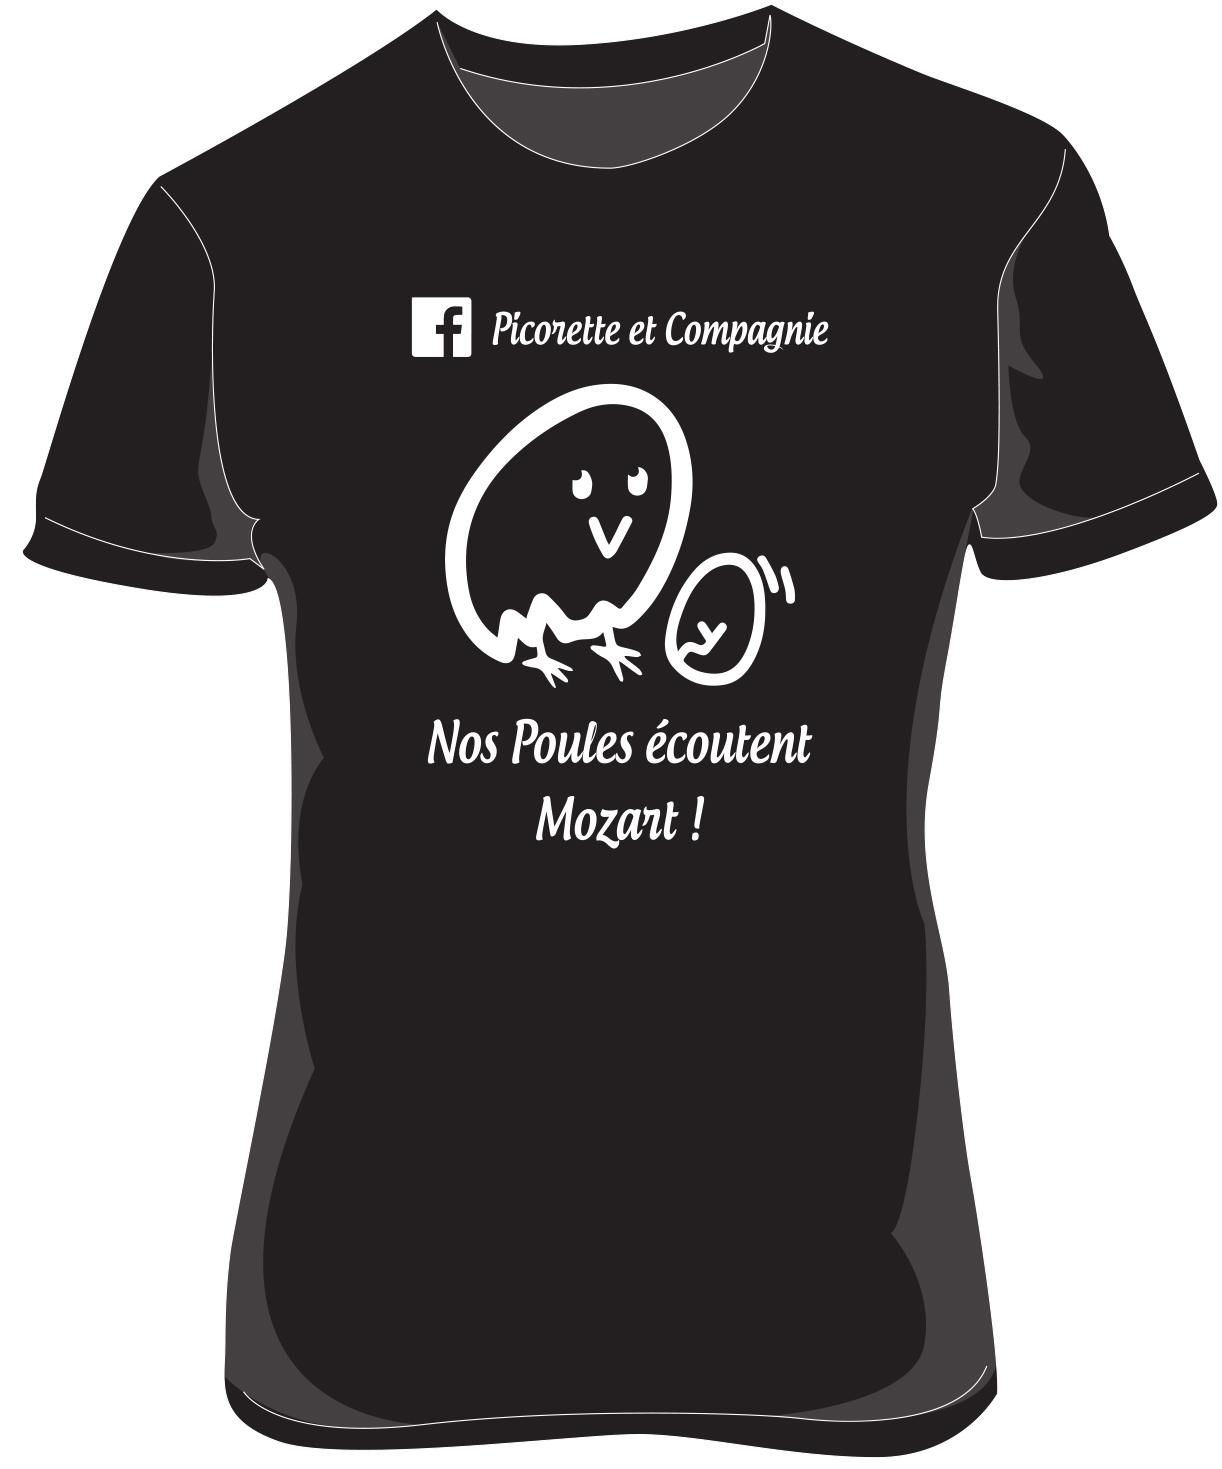 T-shirt_-_Picorette-1417179585.jpg